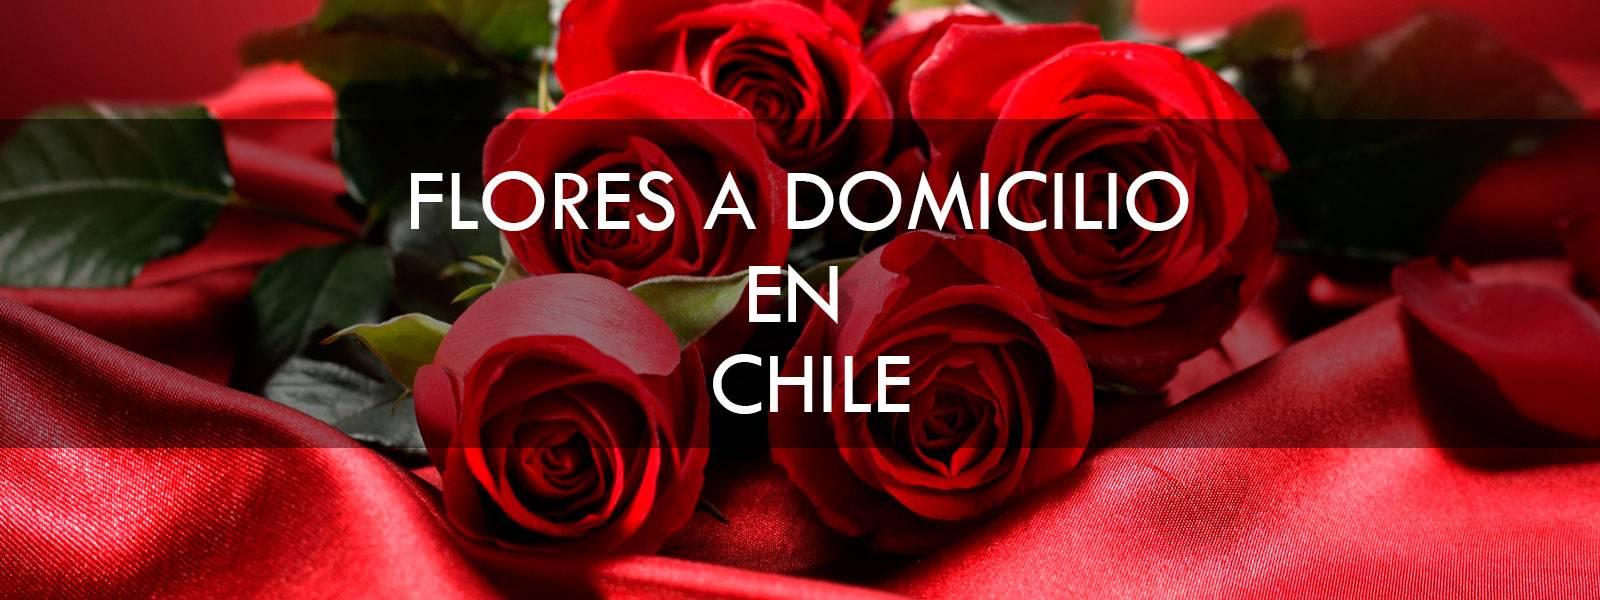 Flores a domicilio en Chile